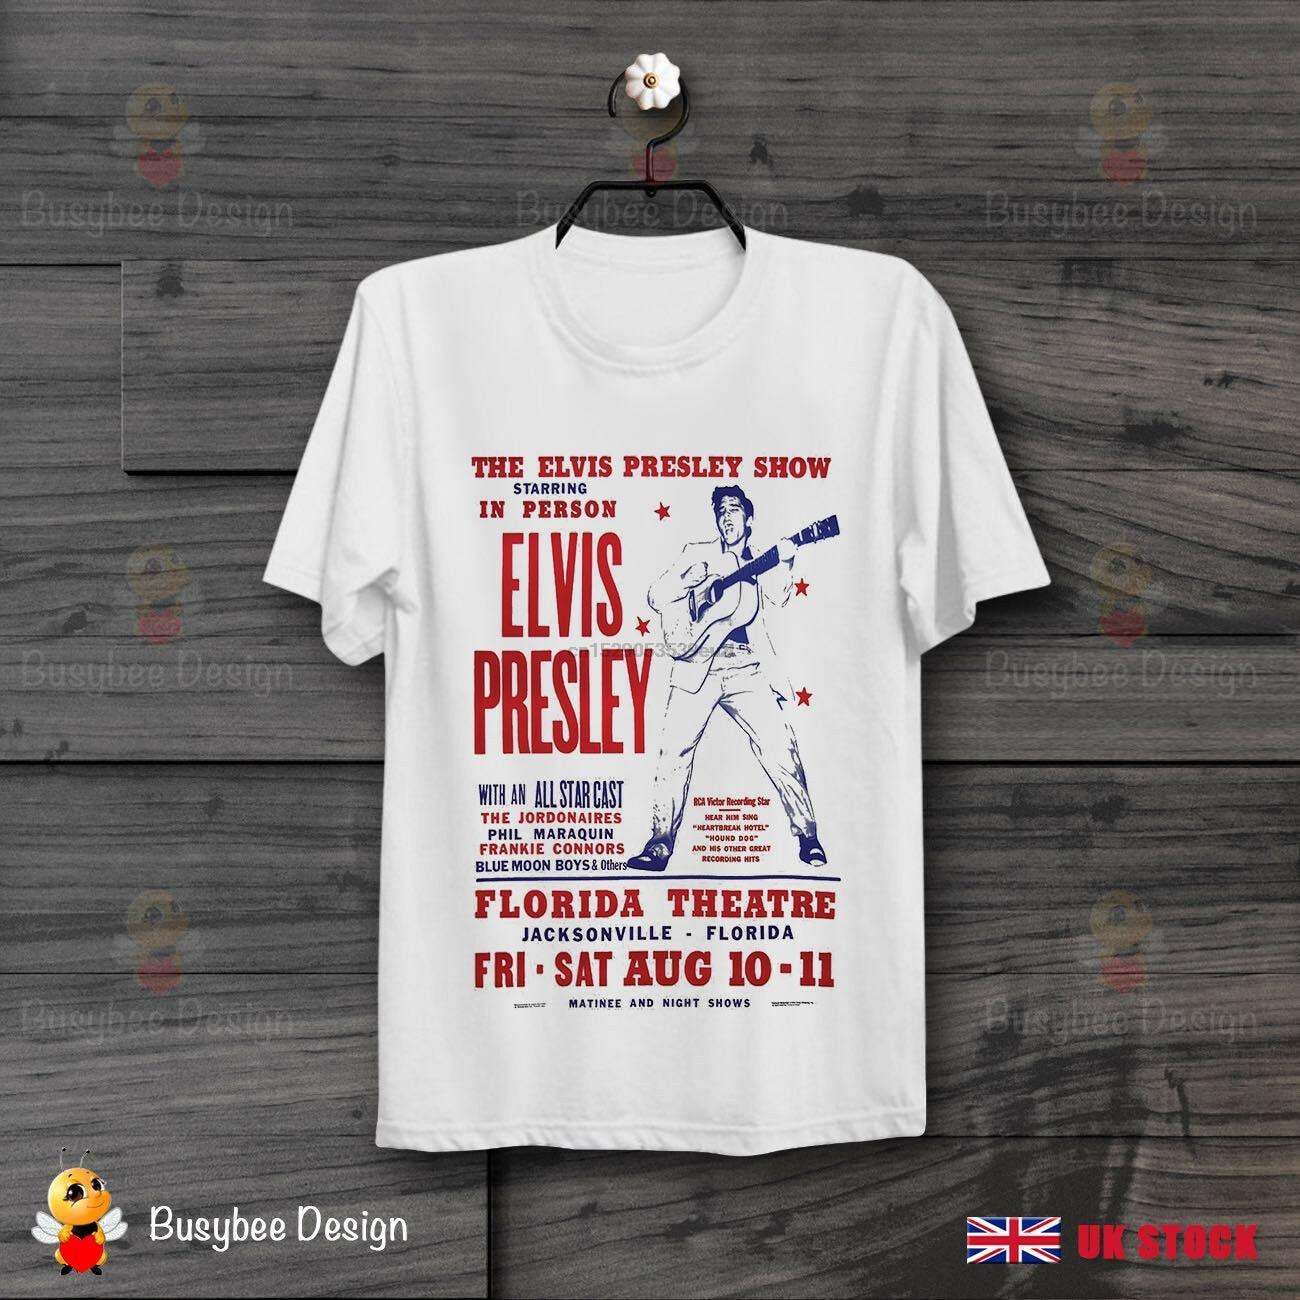 Camiseta Unisex de los años 50 Rock And Rool del cartel de la Florida de la exhibición de Elvis pres